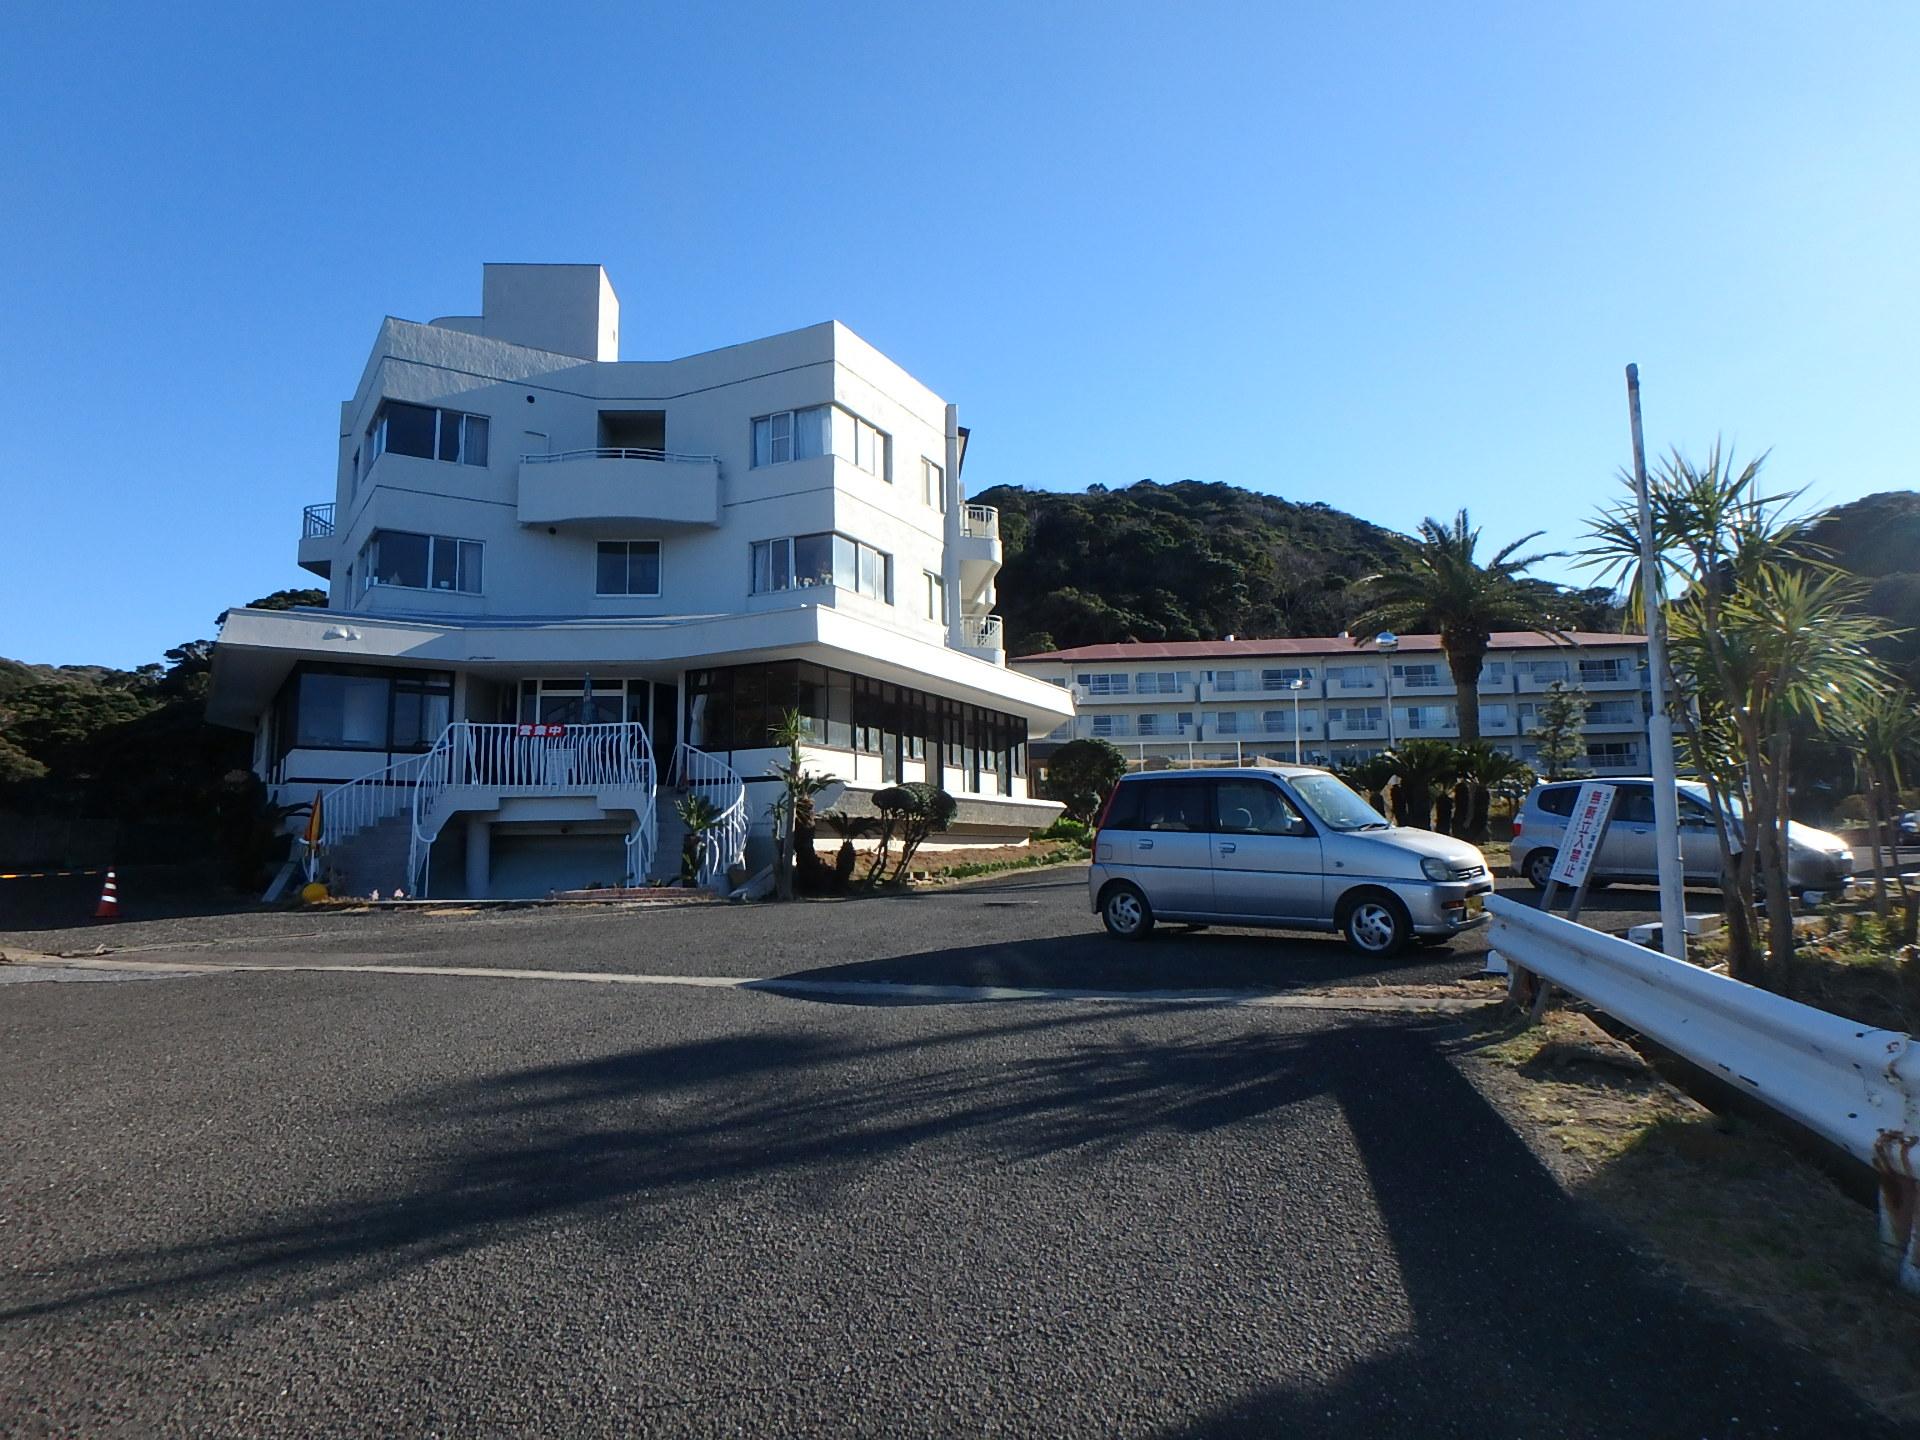 千葉県館山市のマンション、洲崎ロイヤルマンション、B棟新着